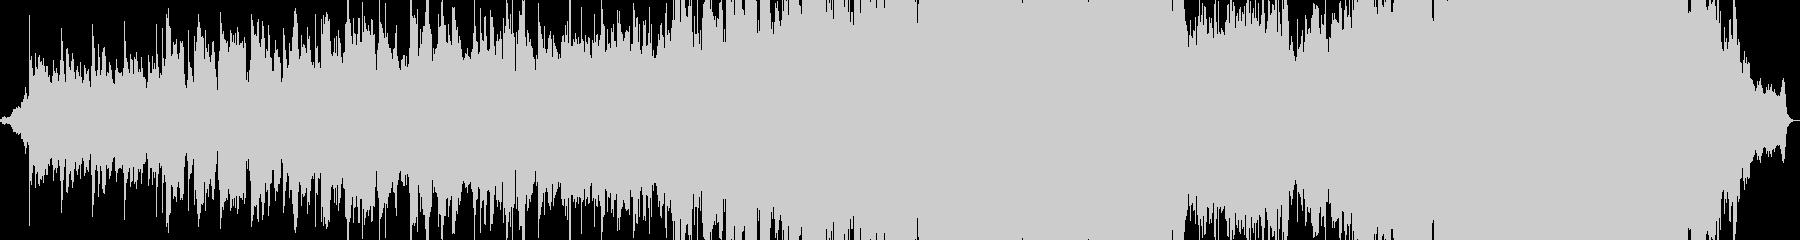 物悲しい雰囲気のバラード4の未再生の波形